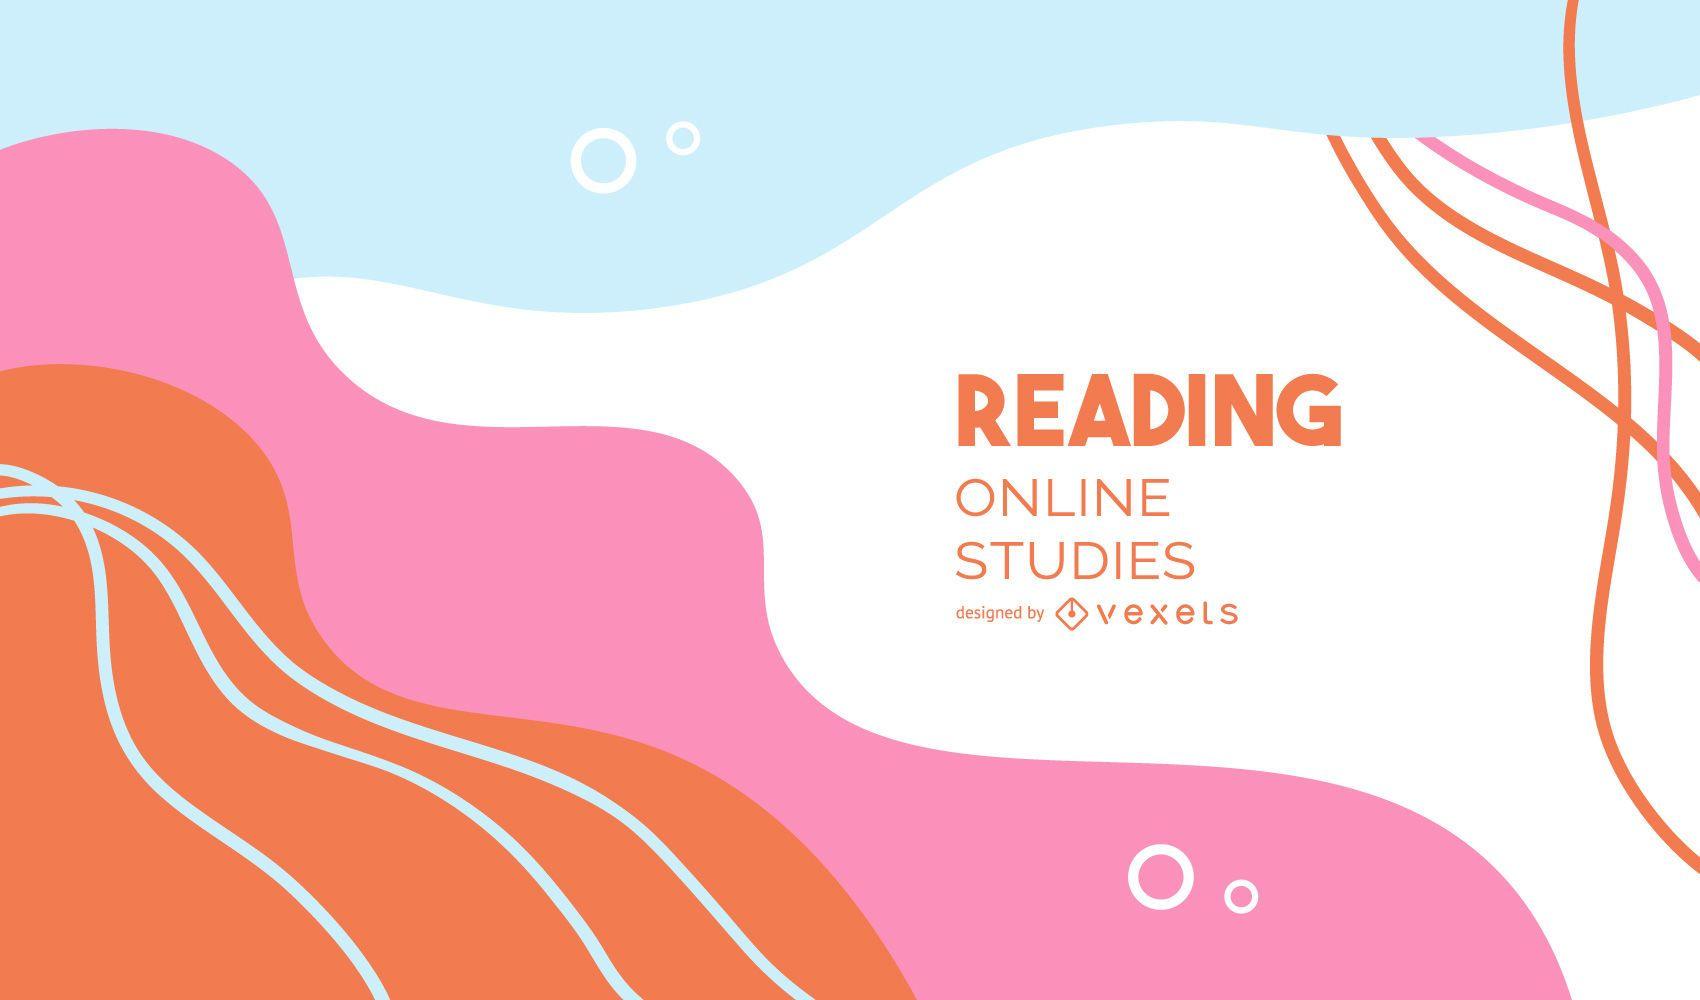 Lesen Sie das abstrakte Cover der Online-Studien